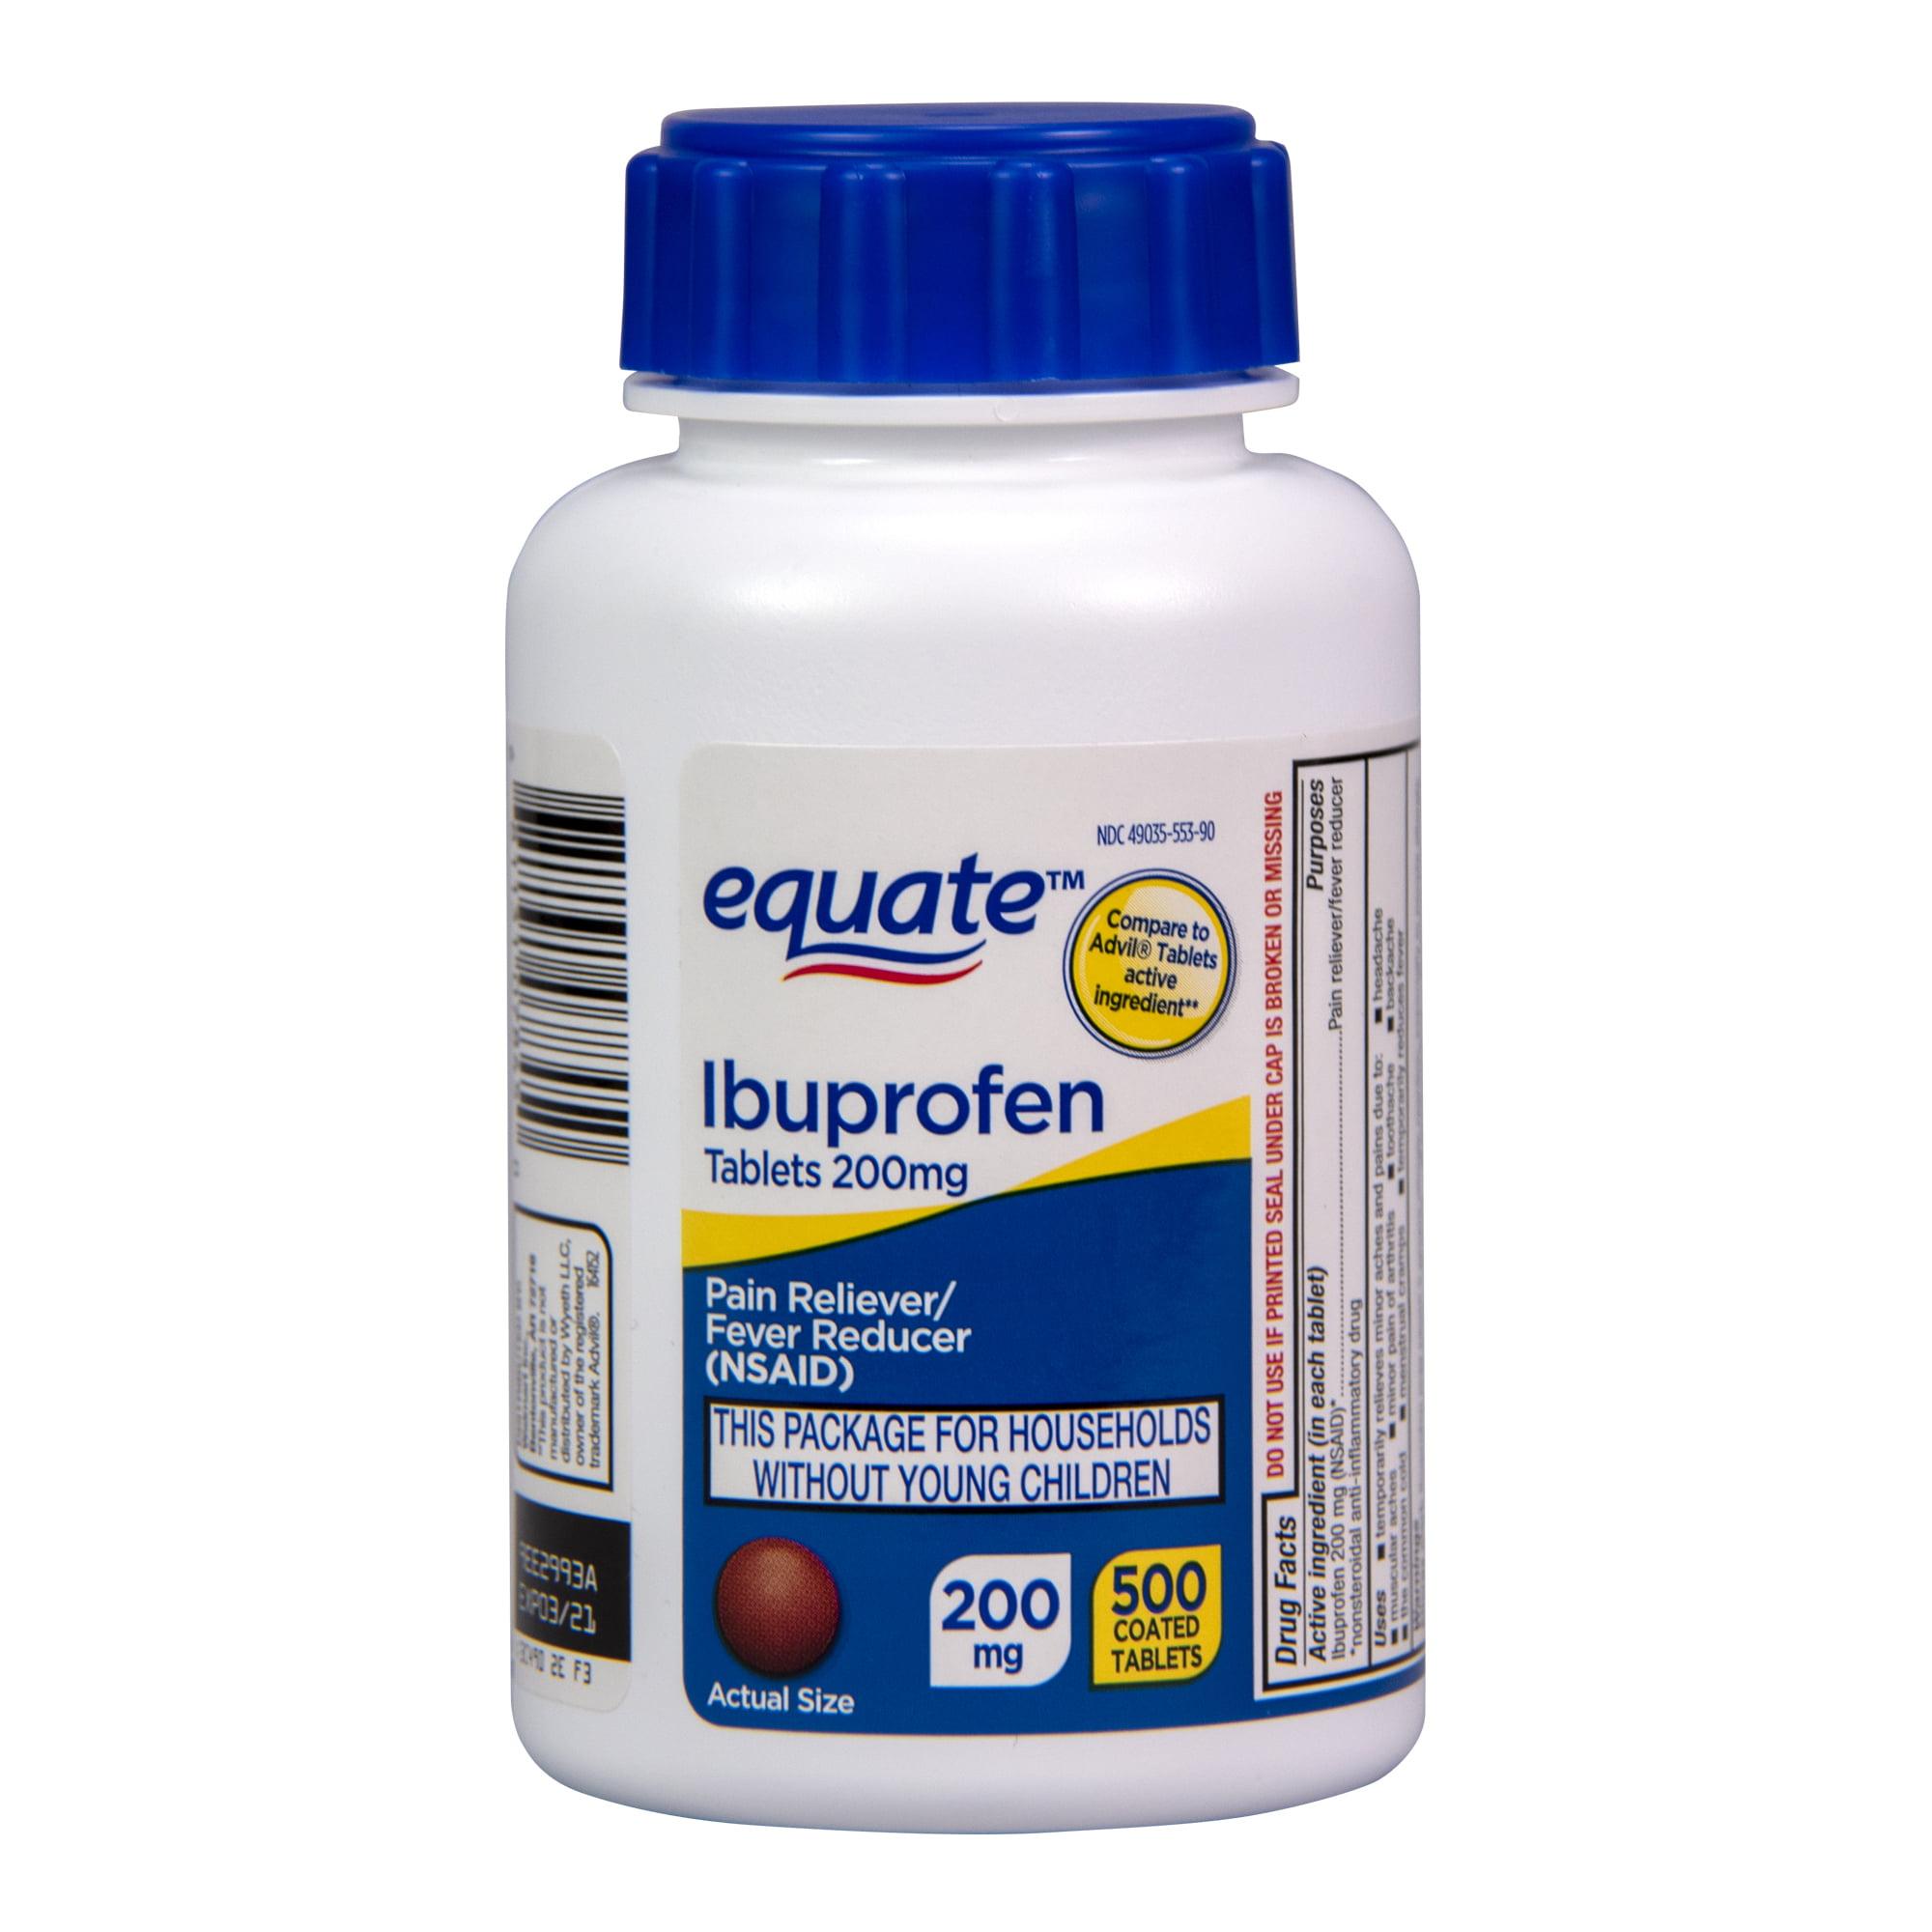 Equate Ibuprofen Tablets 200 Mg Pain Reliever And Fever Reducer 500 Count Walmart Com Walmart Com